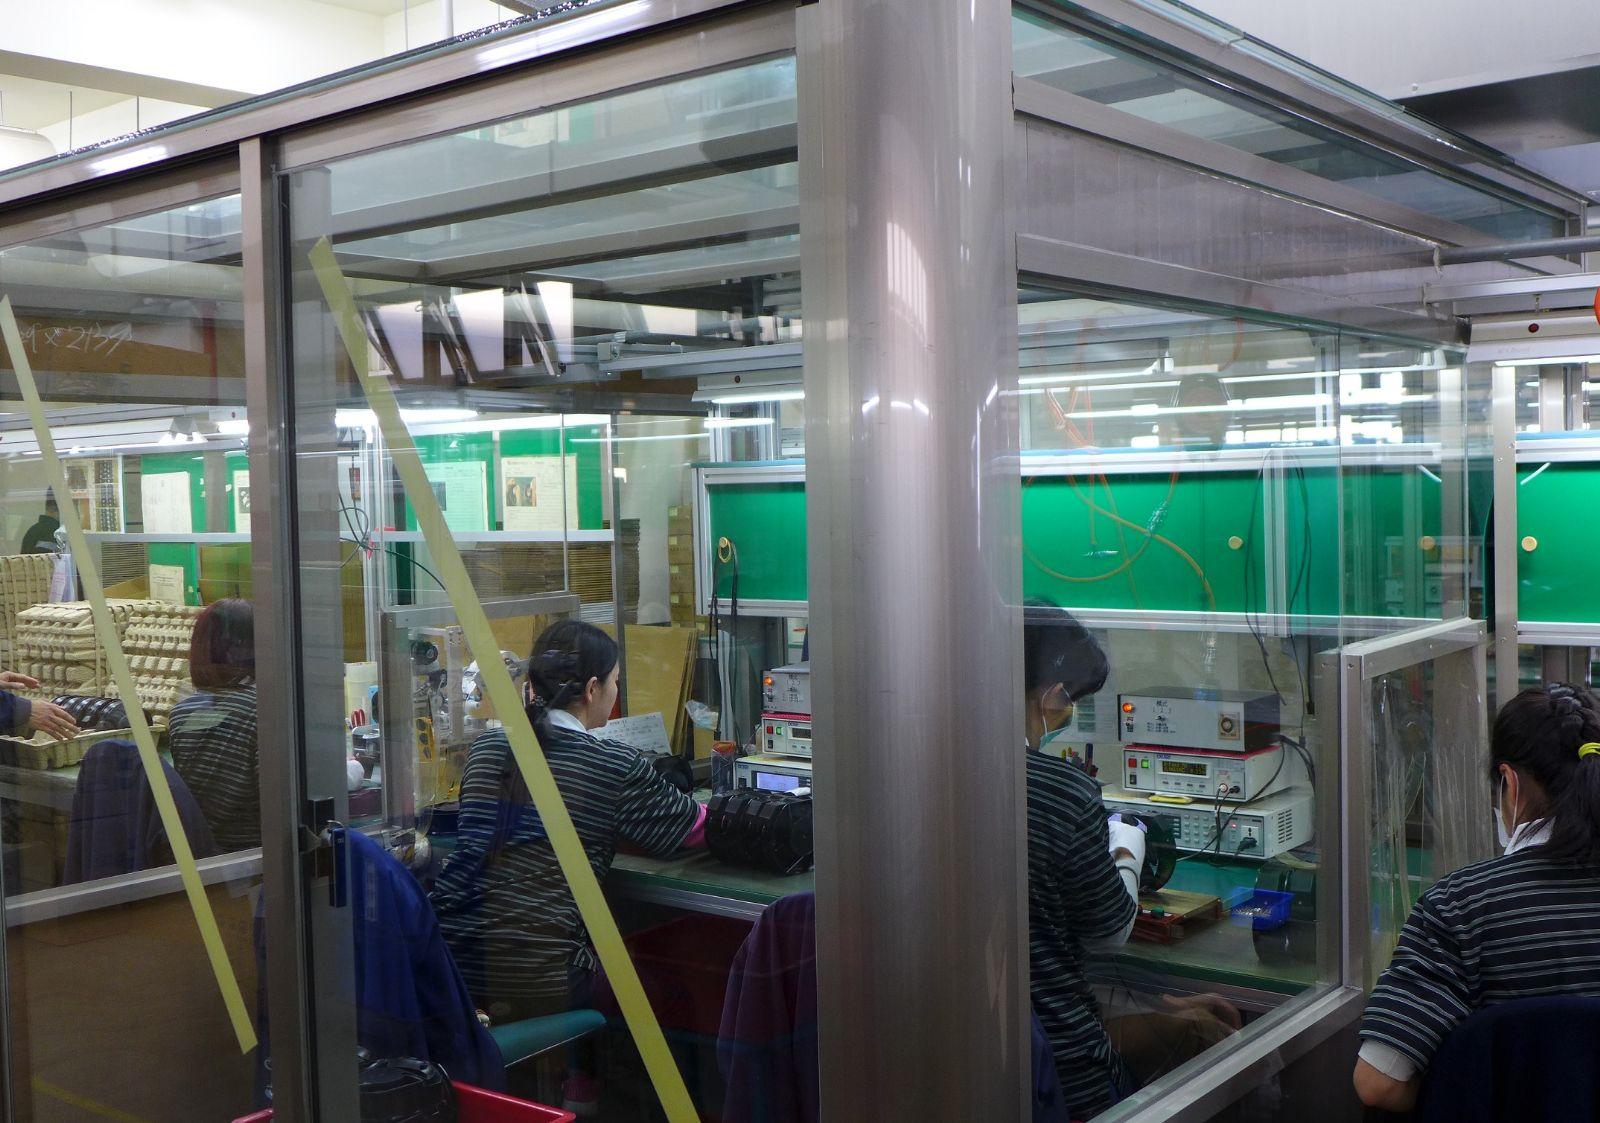 交流散热风扇 设在生产线 隔音测试间